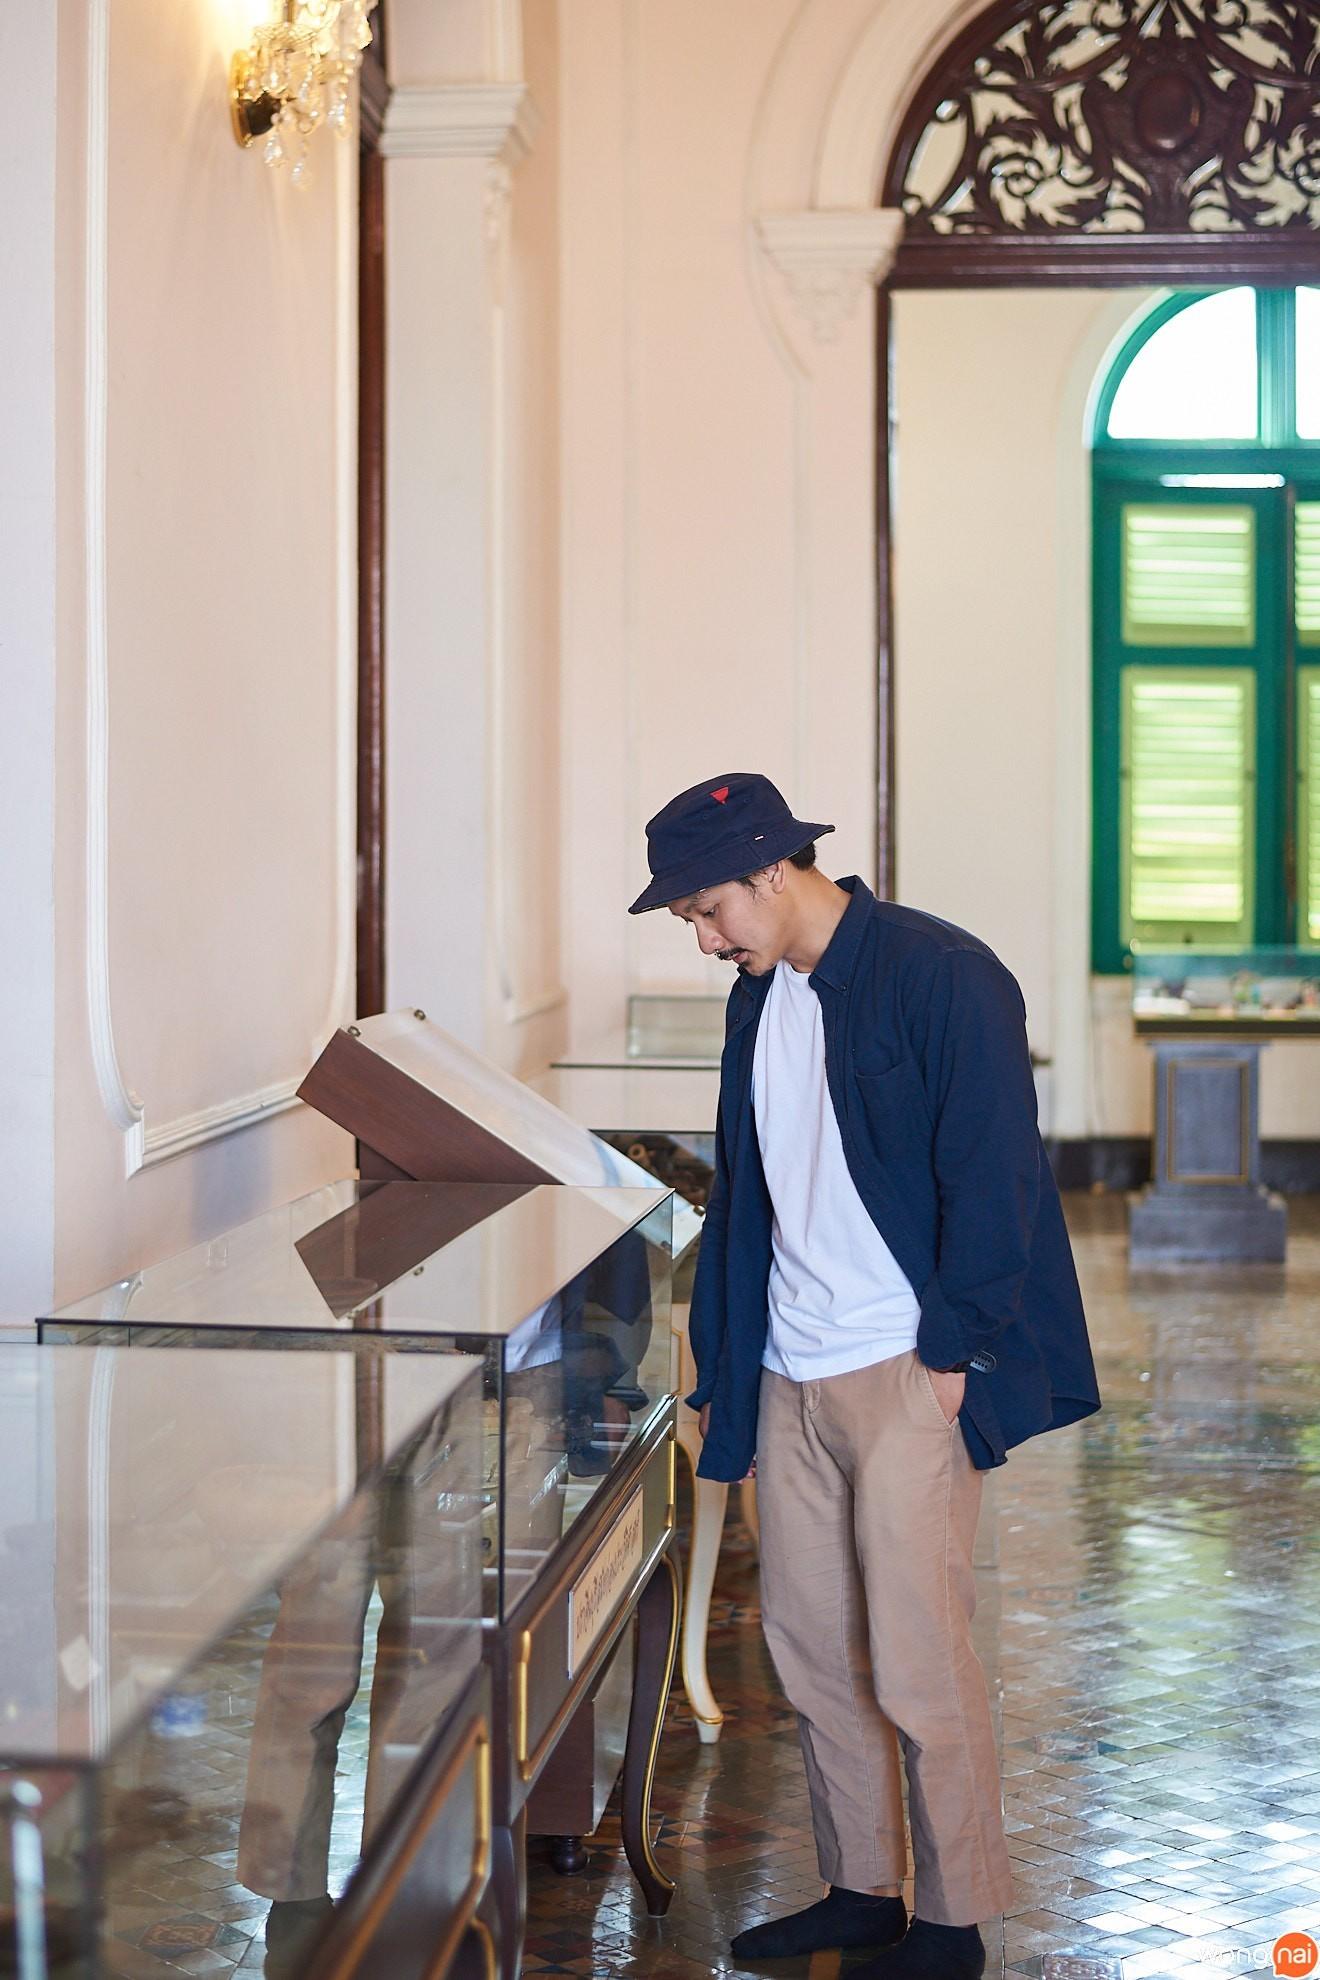 ที่เที่ยวปราจีนบุรี โรงพยาบาลเจ้าพระยาอภัยภูเบศร